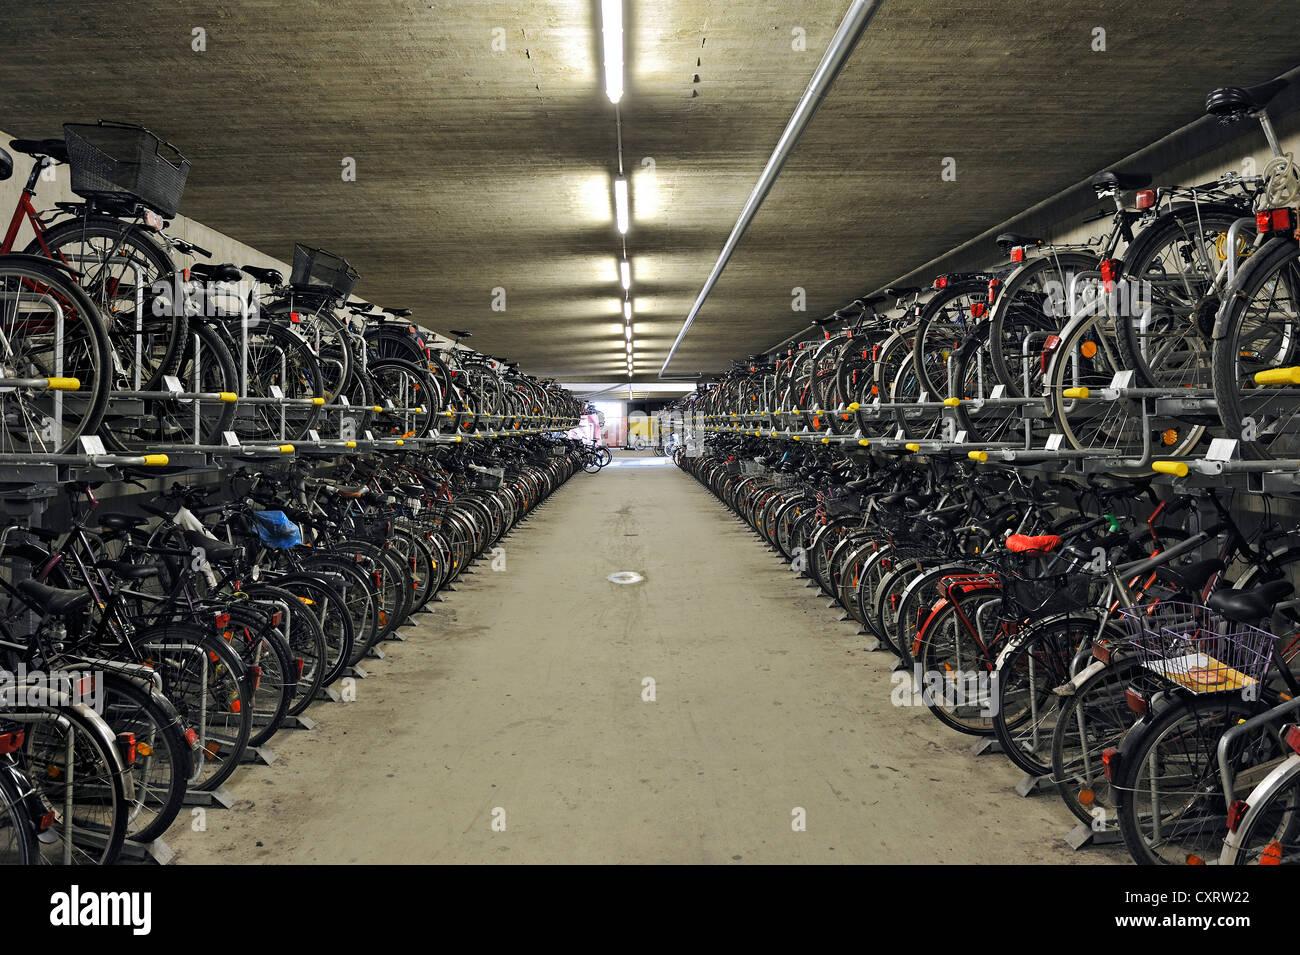 Bicycle garage at Bahnhof Pasing railway station, Bavaria - Stock Image